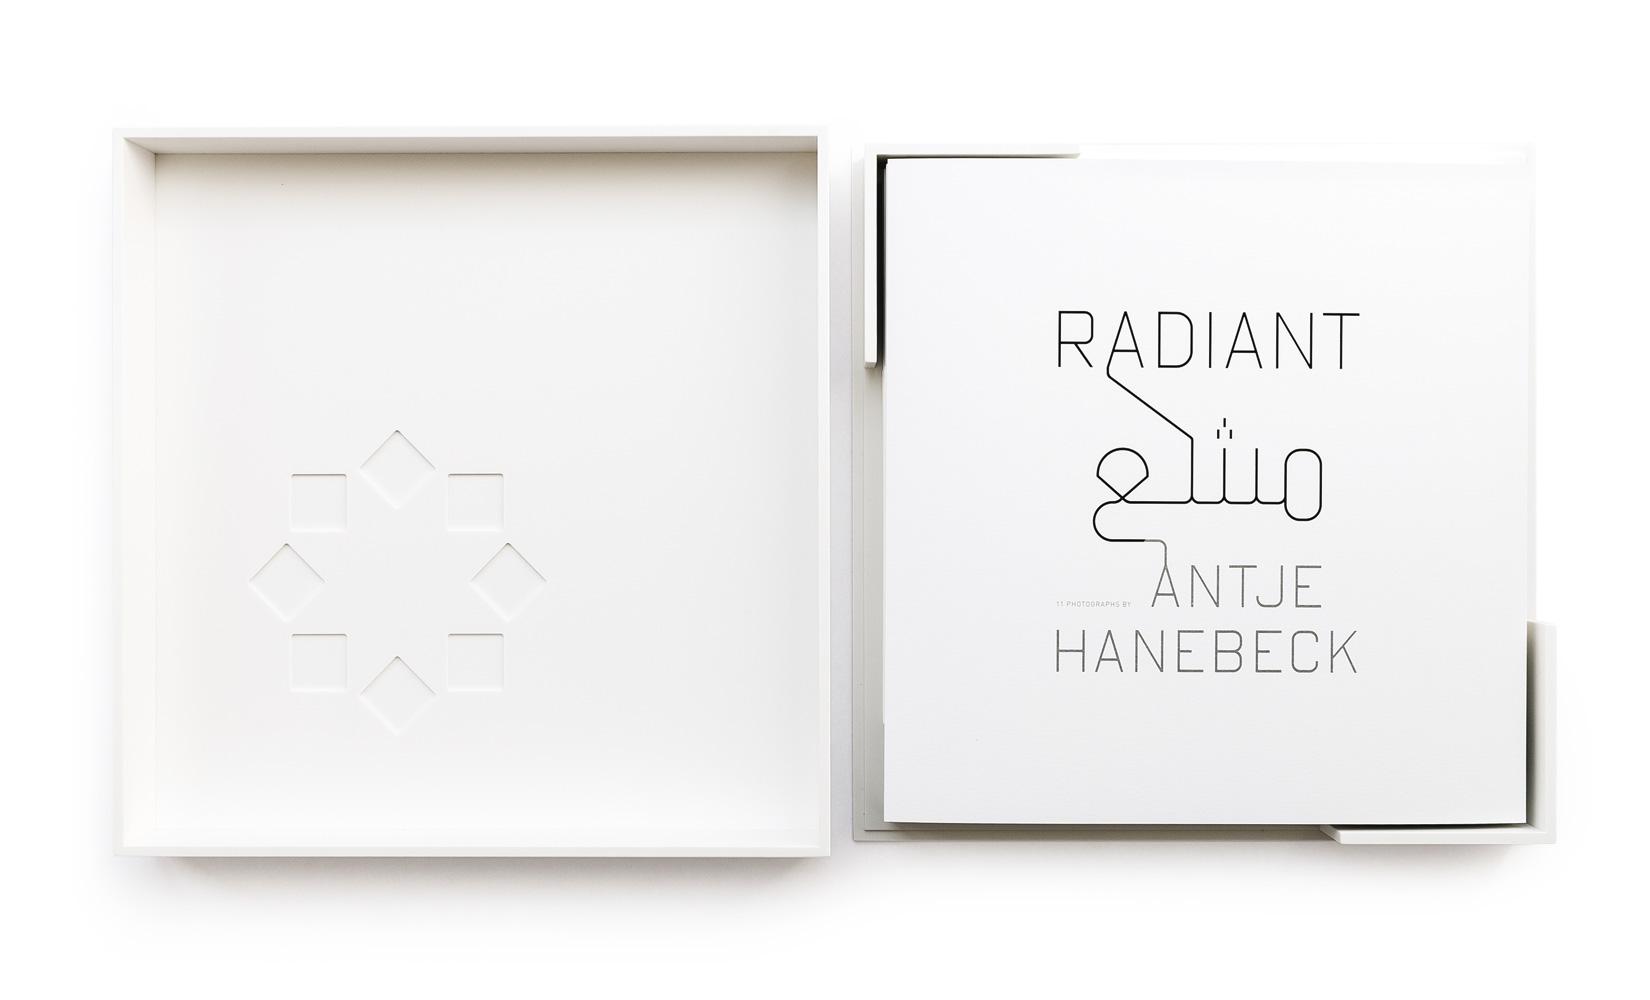 Radiant-boitier1.jpg